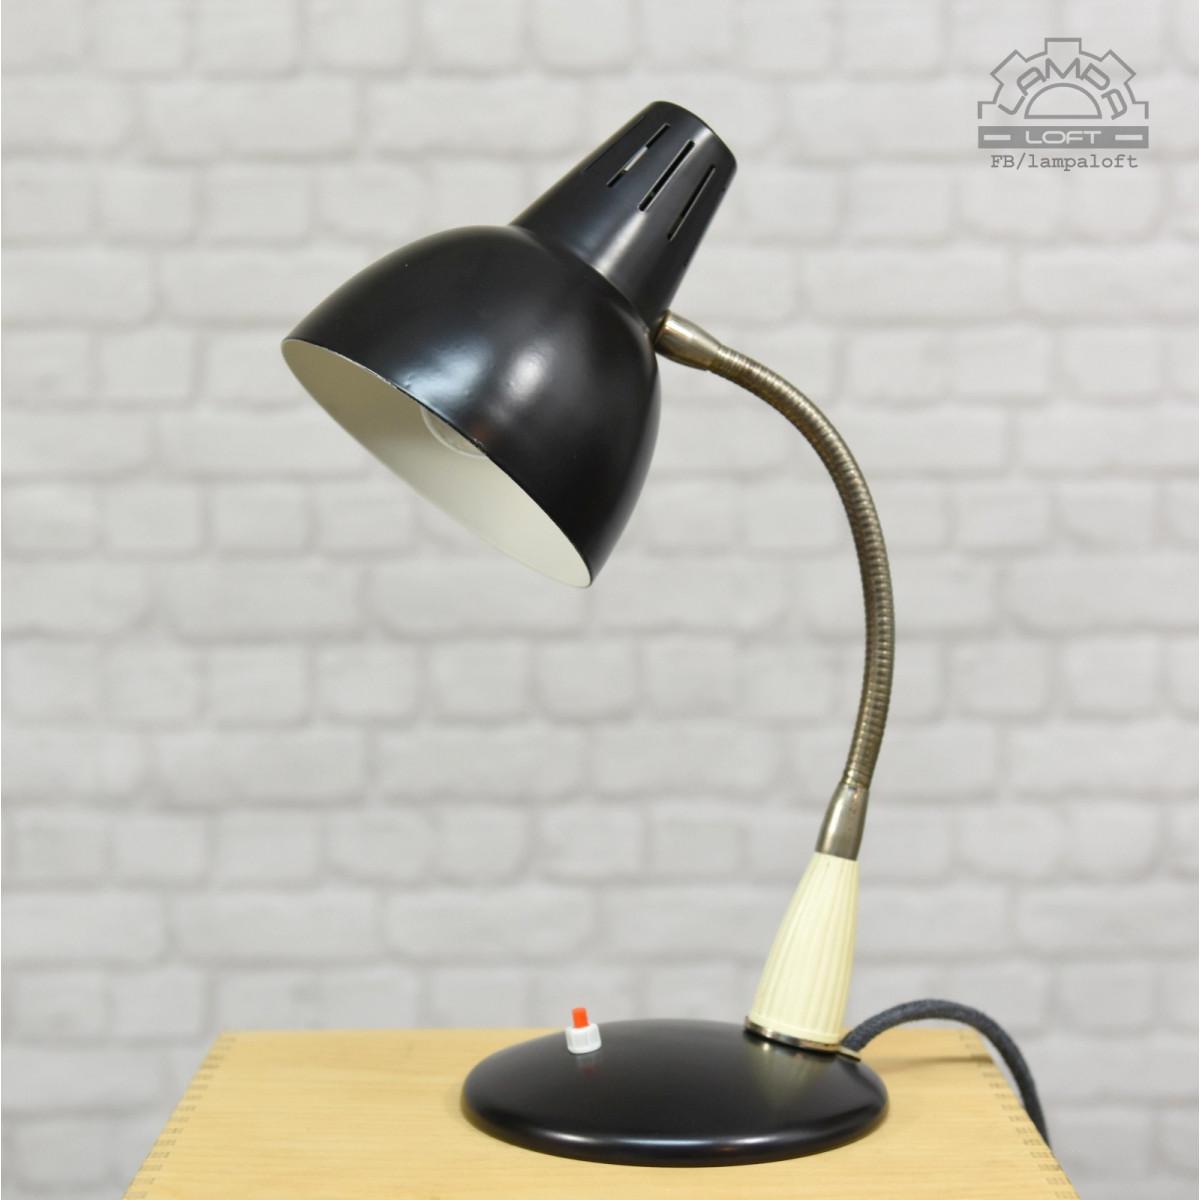 Lampa Biurkowa Lampaloft